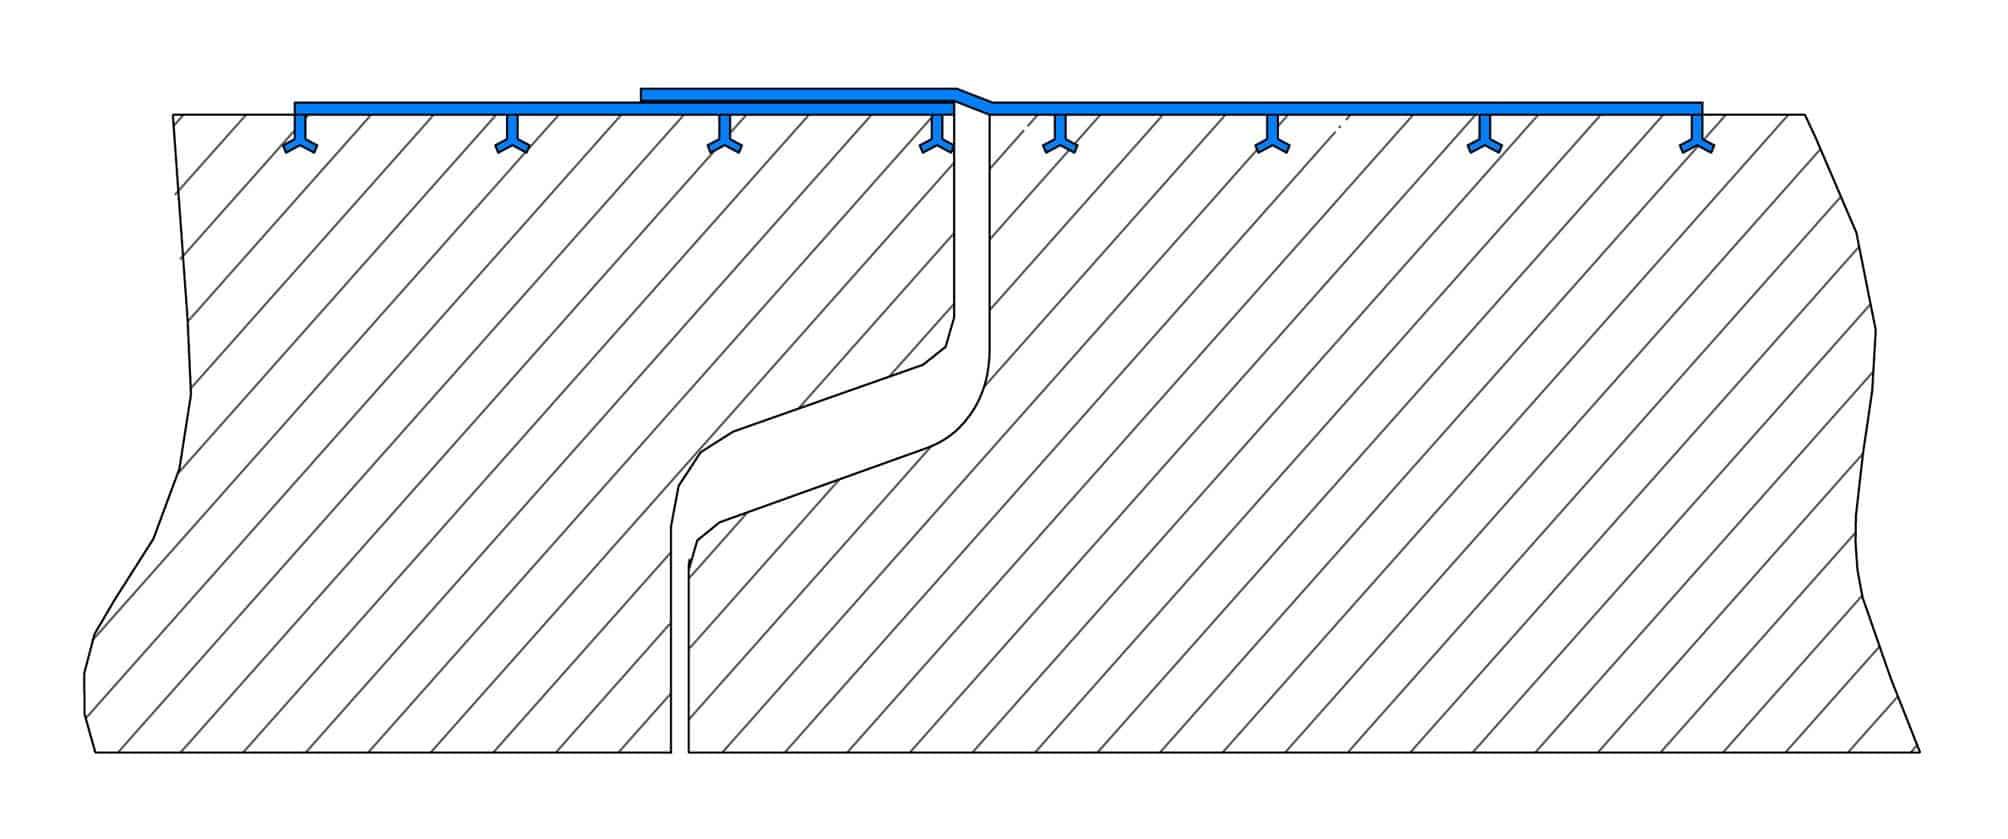 Un particolare della giunzione di due manufatti rivestiti in linerHDPE TGrip nella versione giunto saldato: si noti l'overlap (sovrapposizione) del rivestimento per assicurare la continuità della protezione